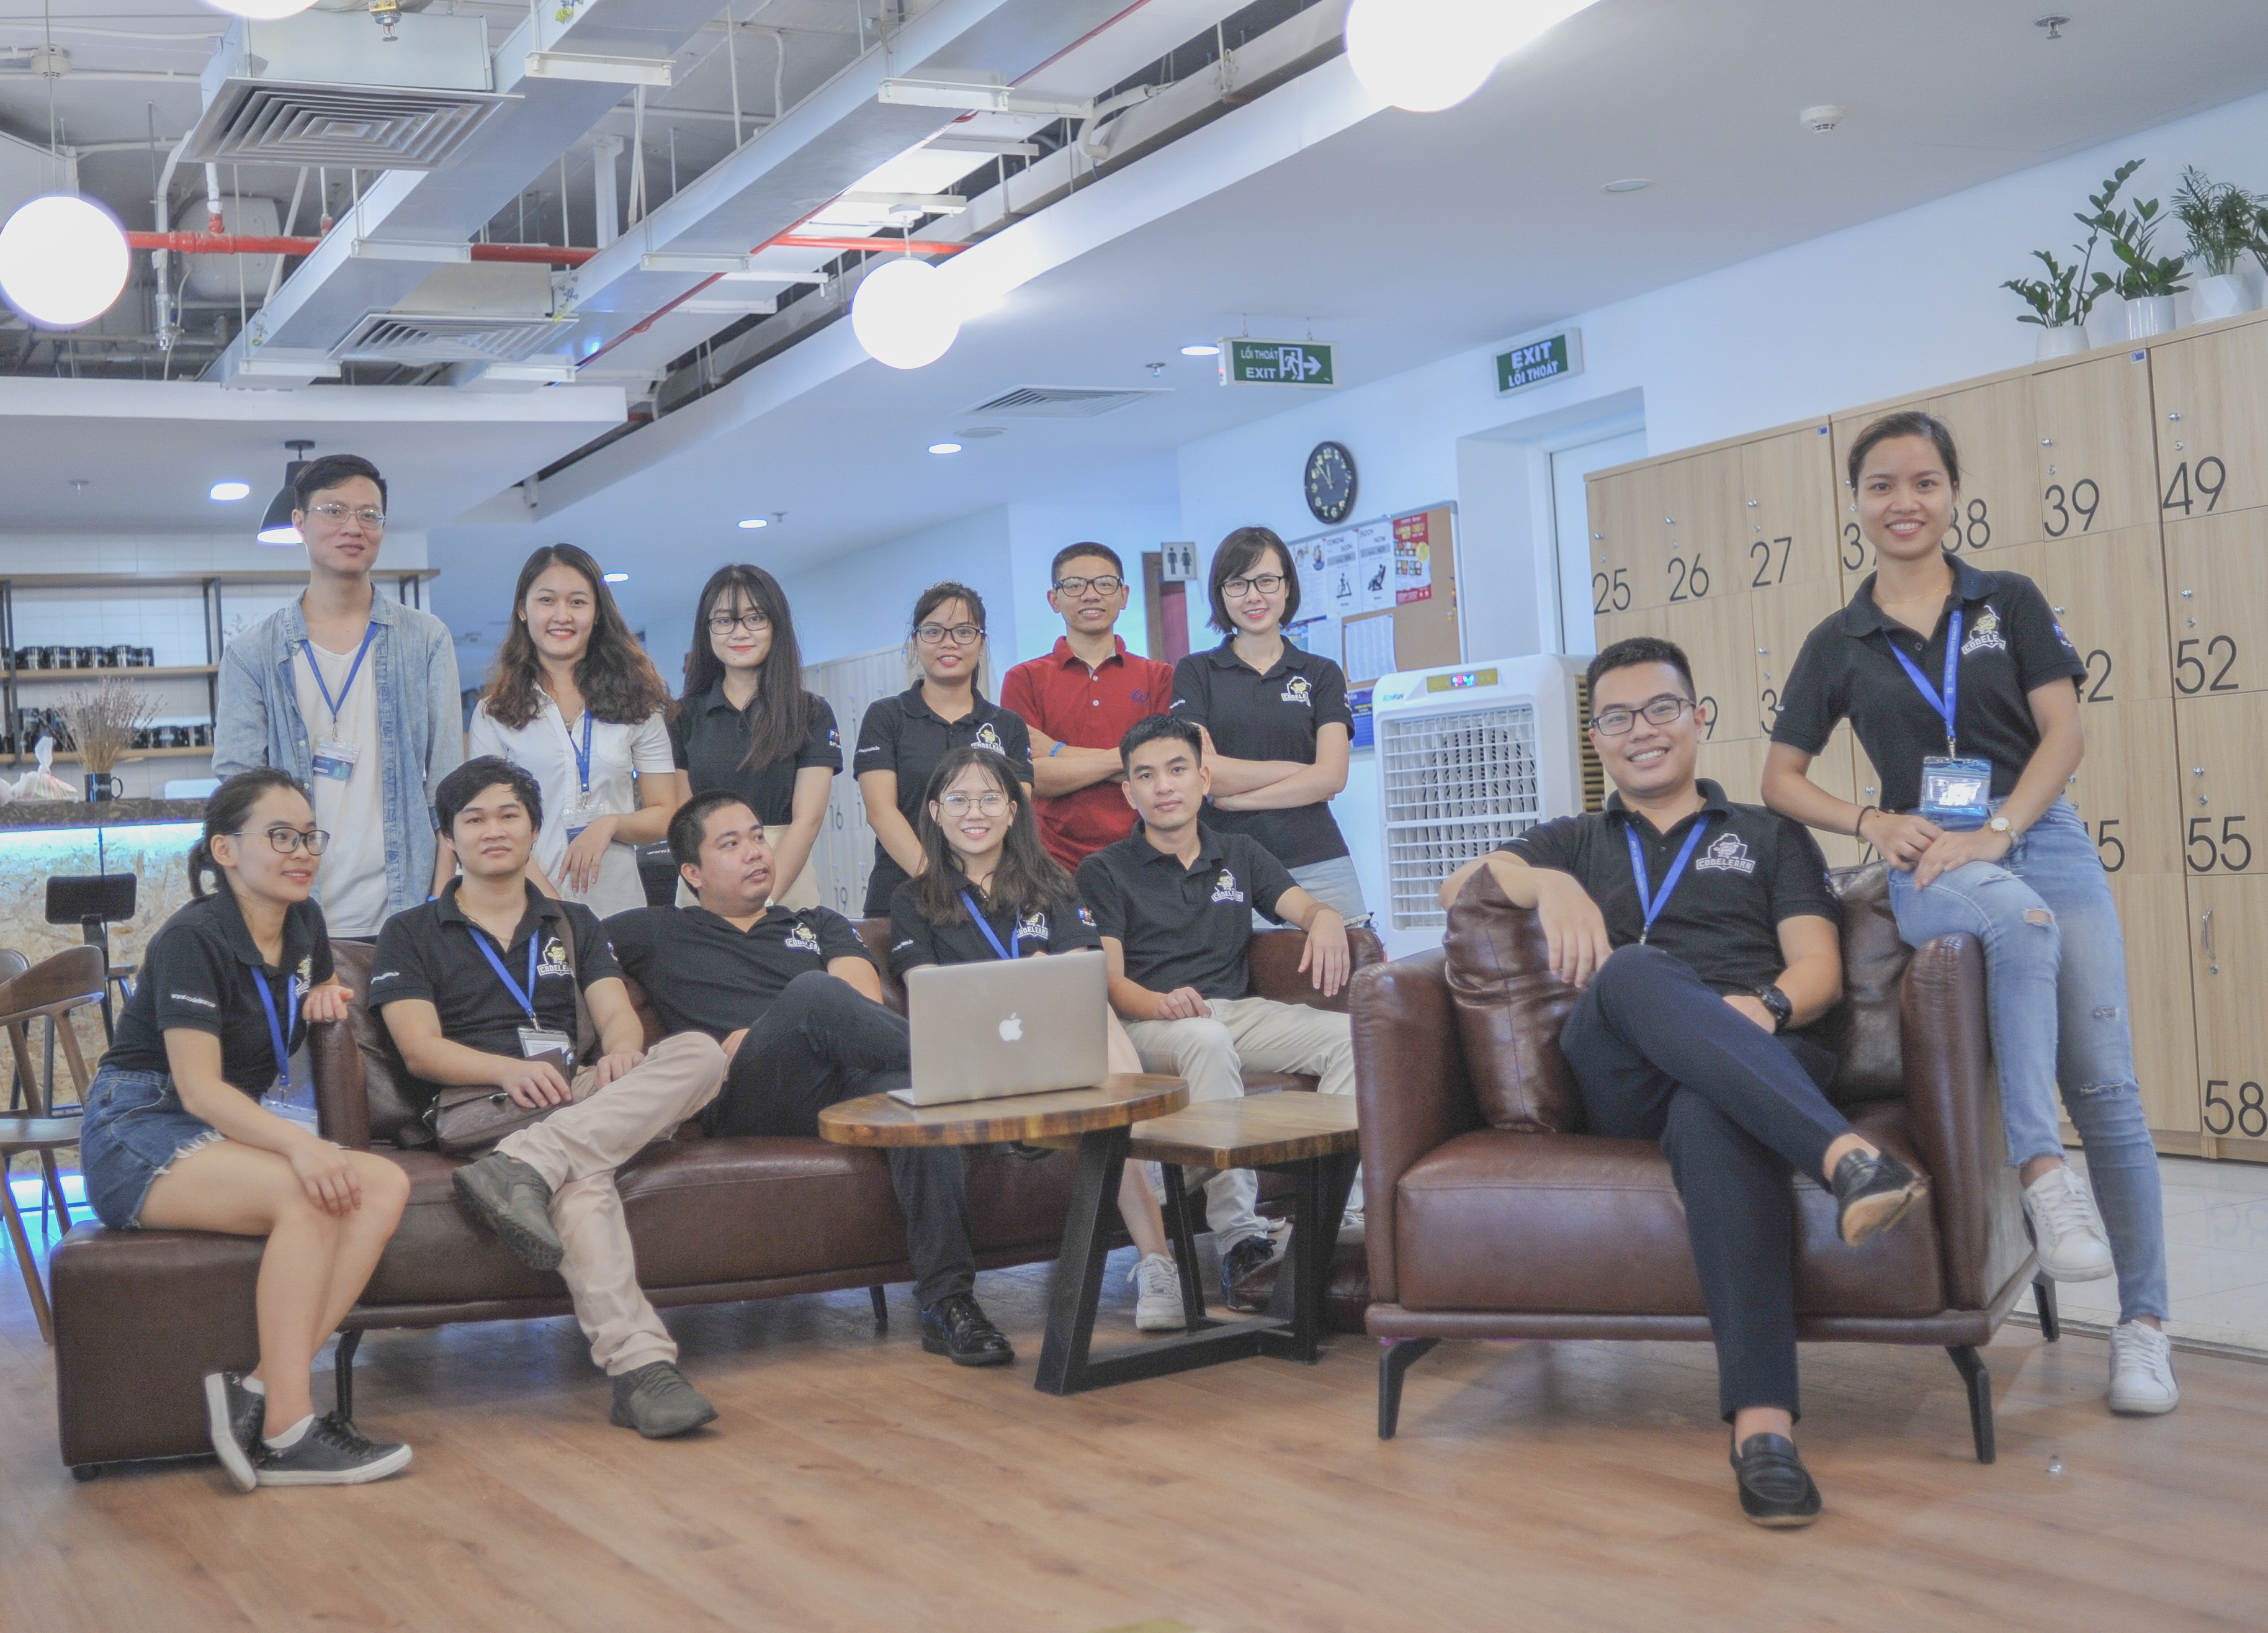 Đại diện BTC cho hay, sự kiện gắn kết cộng đồng Codelearn tại Việt Nam sẽ được tổ chức mỗi tháng. Hoạt động nhằm mục đích gắn kết, là nơi để giao lưu, chia sẻ các kiến thức của những người yêu lập trình toàn quốc.